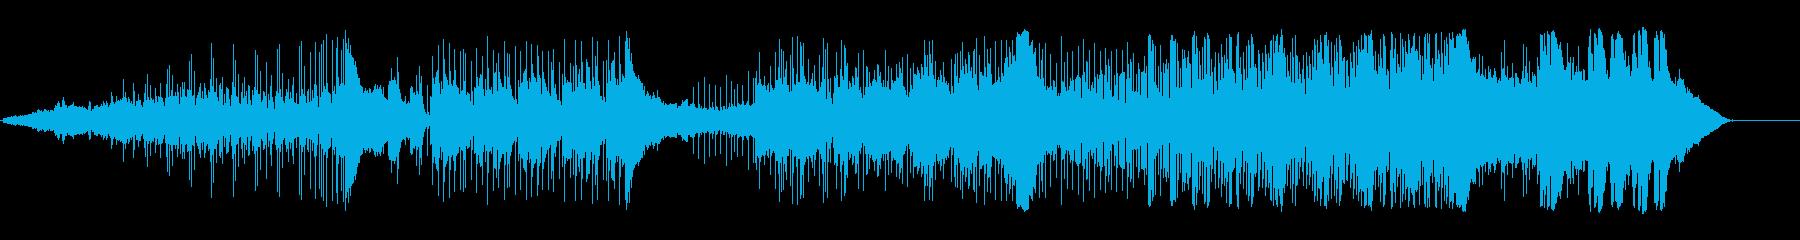 動画 サスペンス アクション ハイ...の再生済みの波形